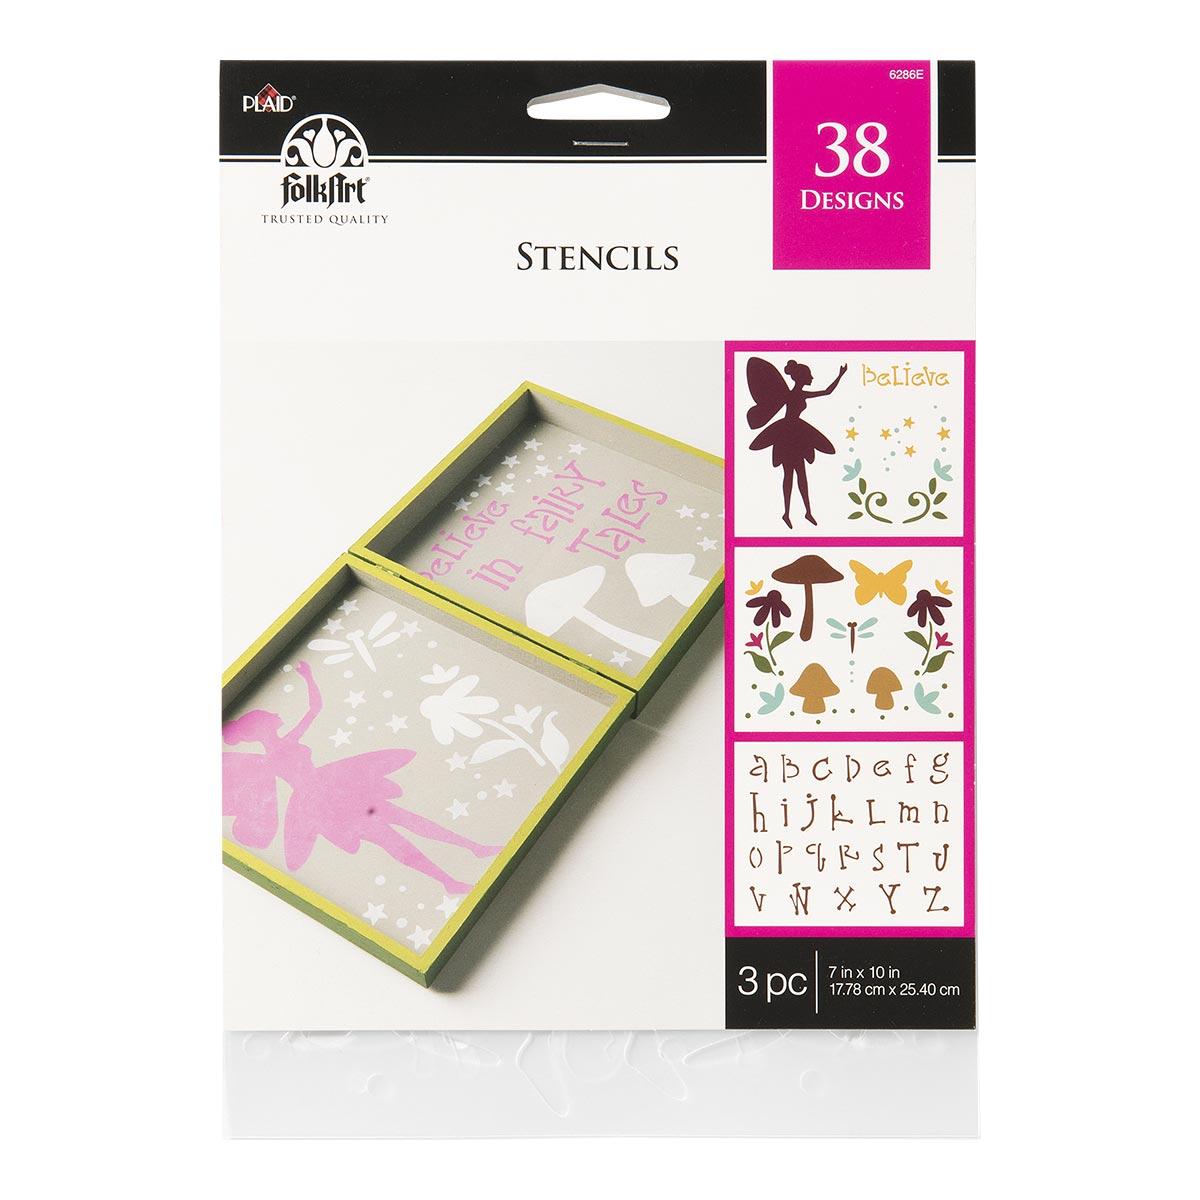 FolkArt ® Stencil Value Packs - Fairy Garden, 7